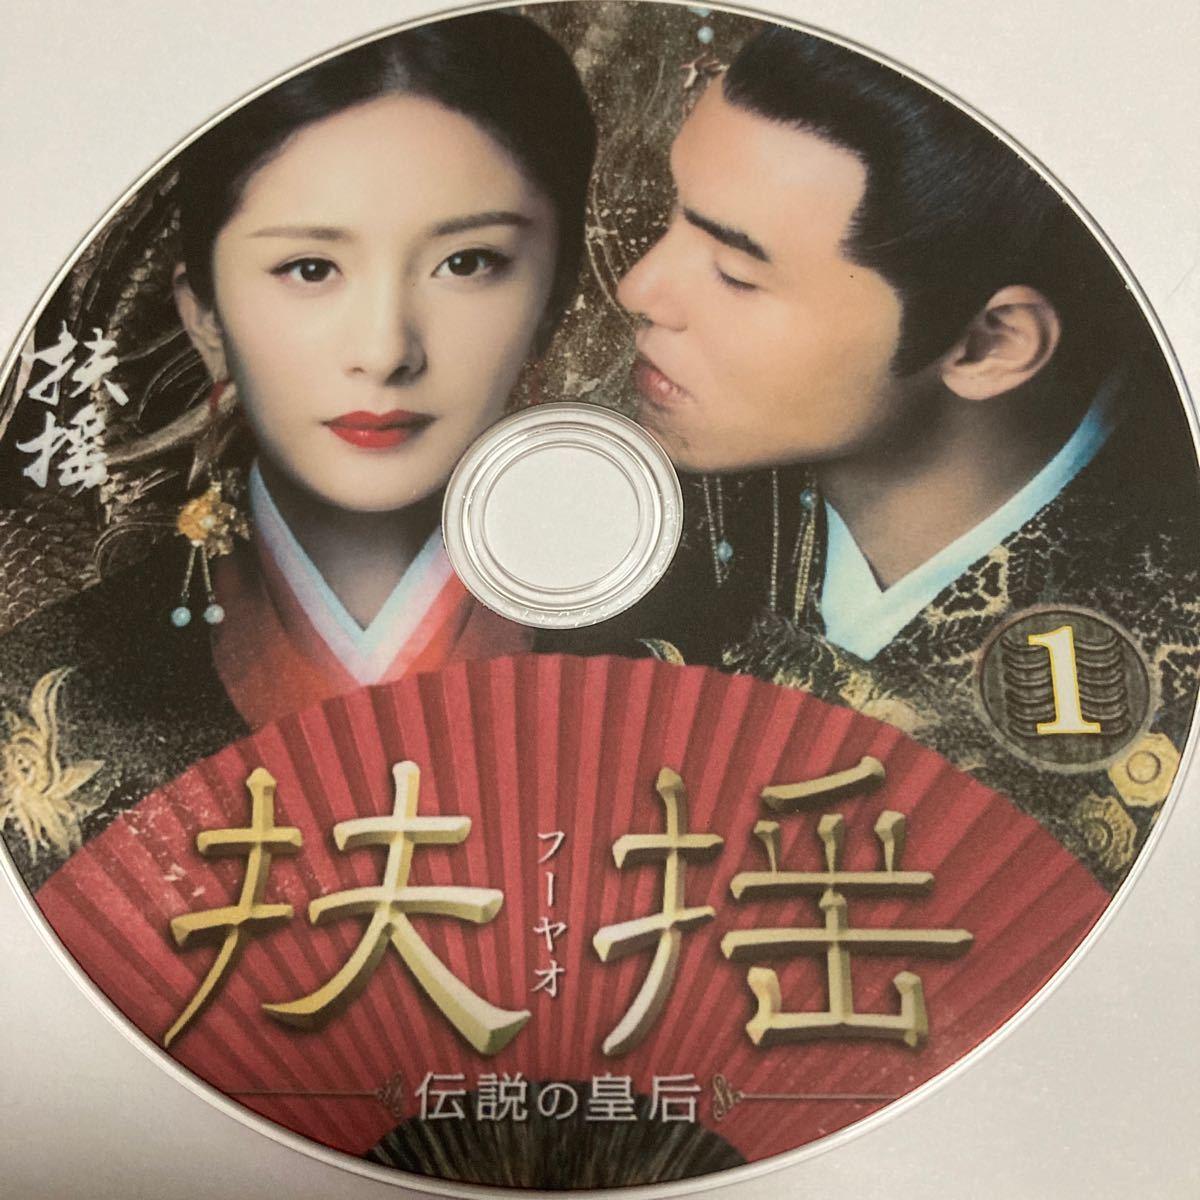 フーヤオ 全話Blu-ray